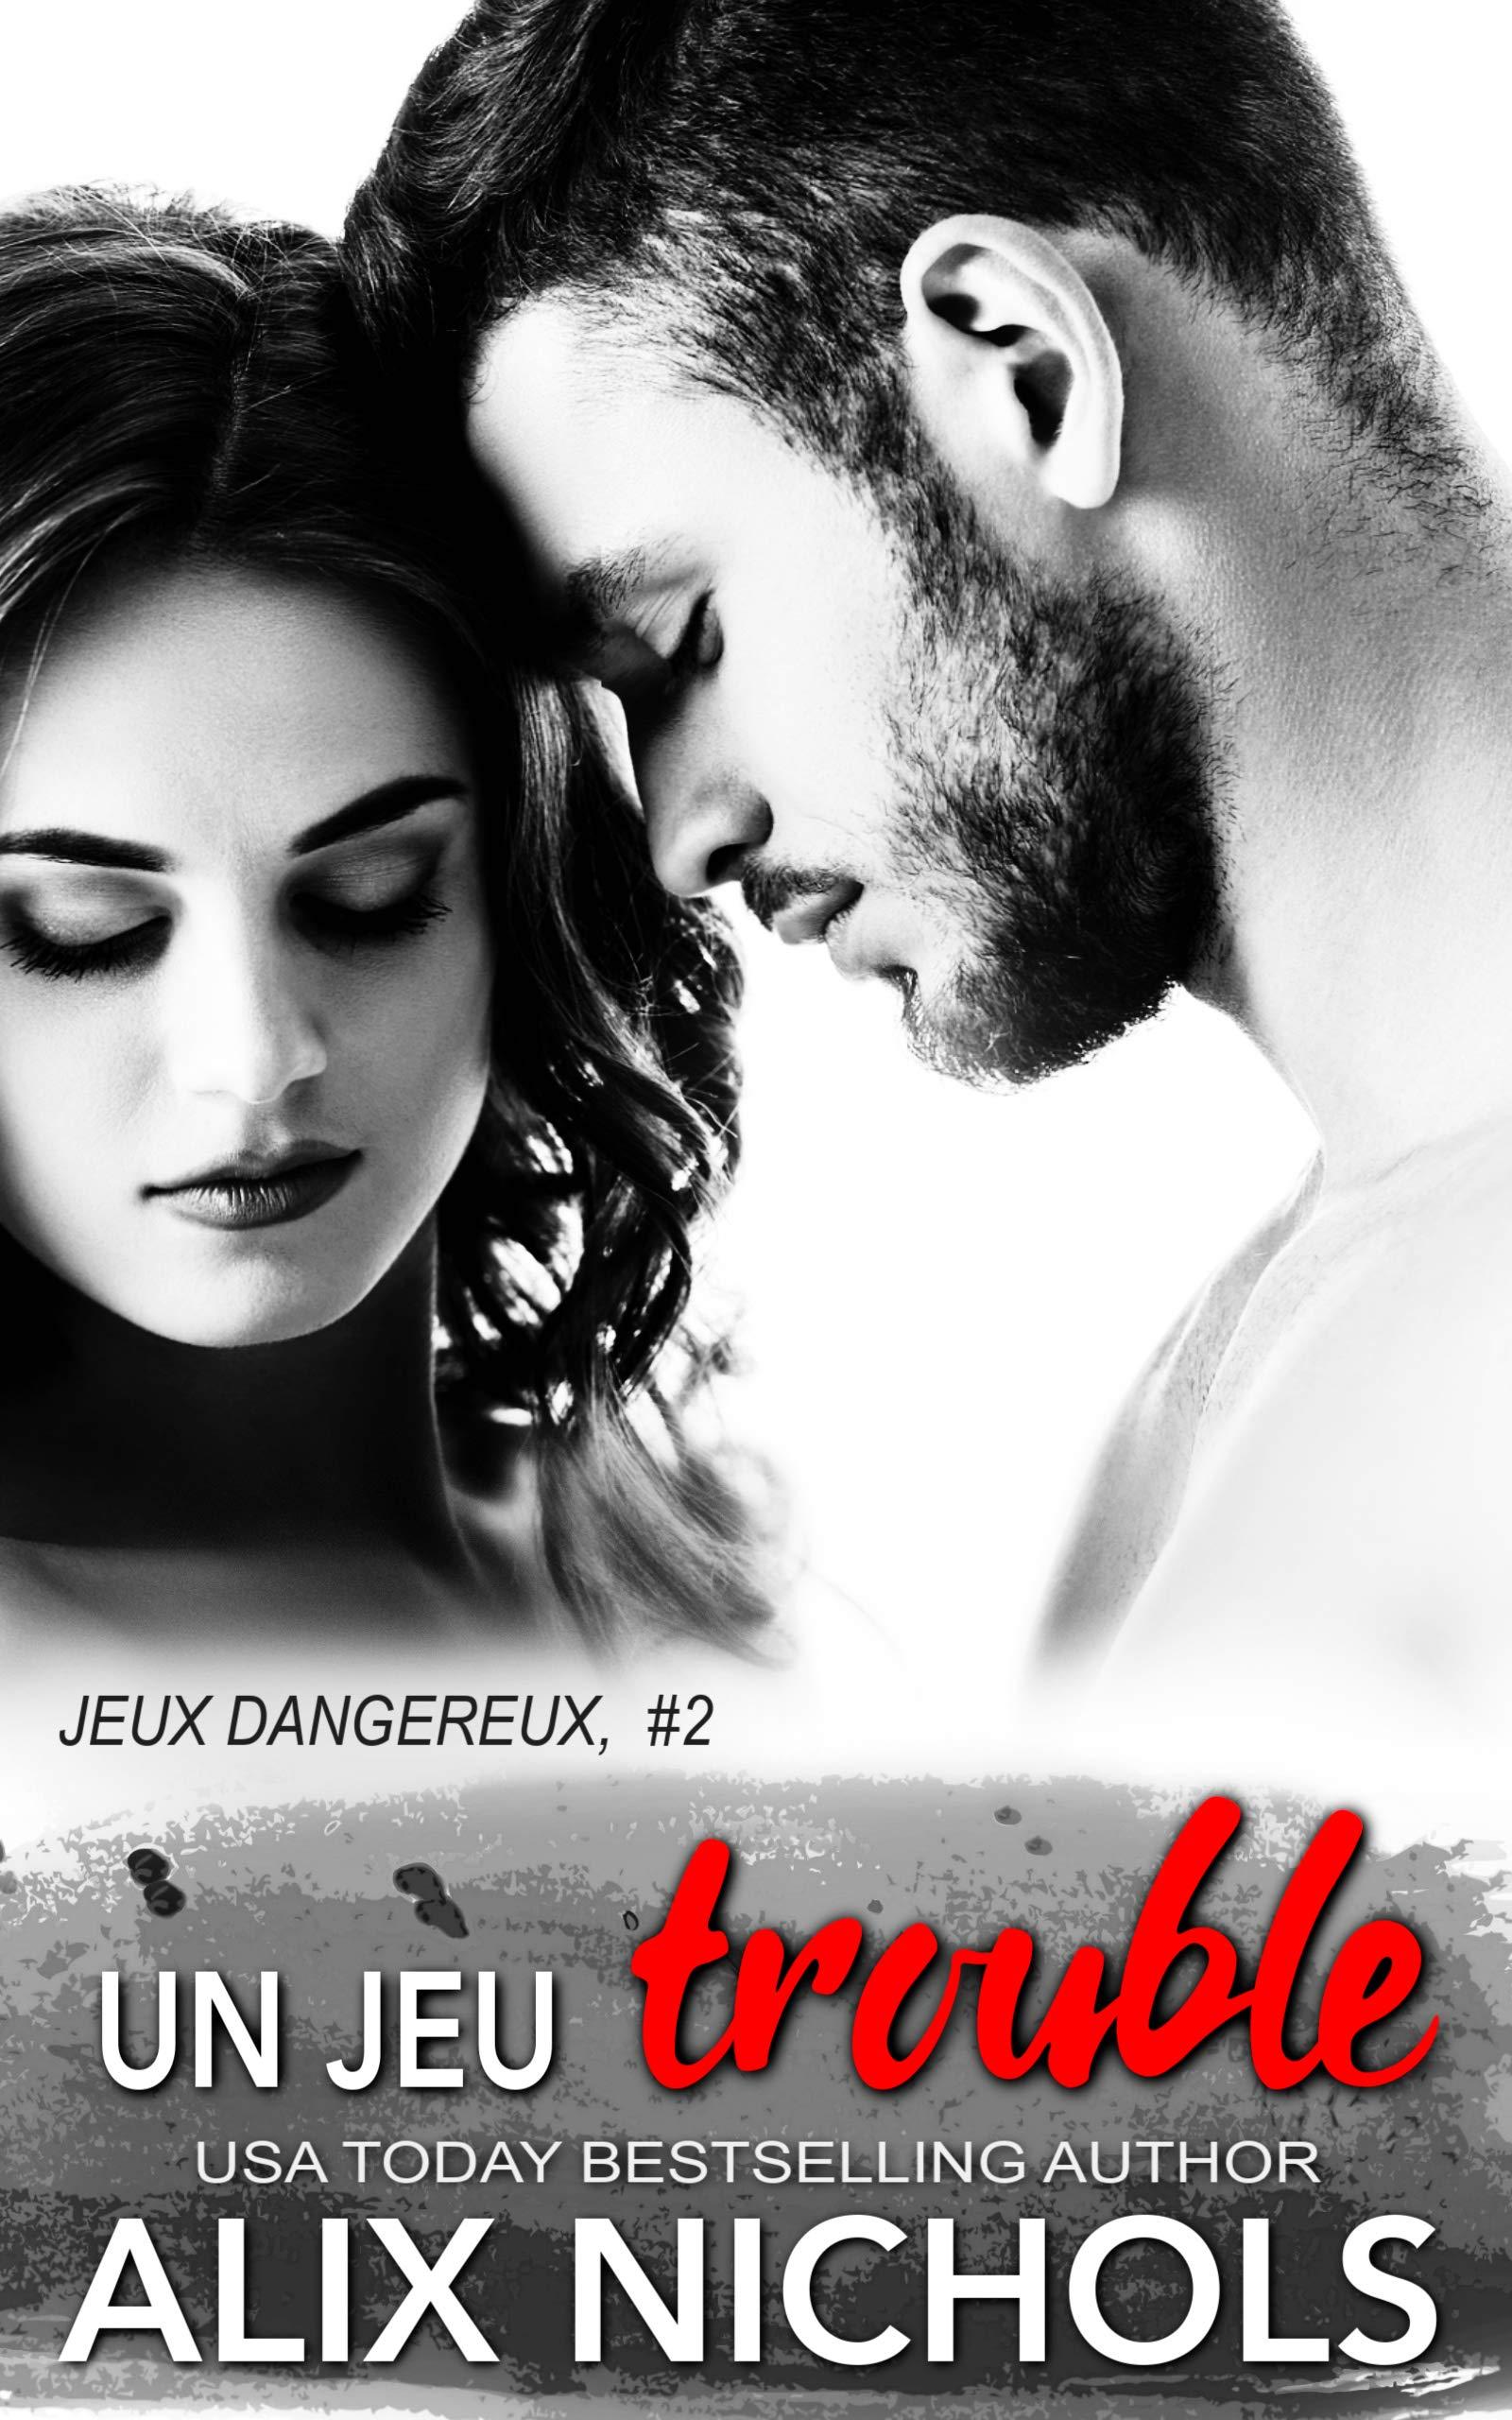 Un jeu trouble (Jeux dangereux t. 2) por Alix Nichols